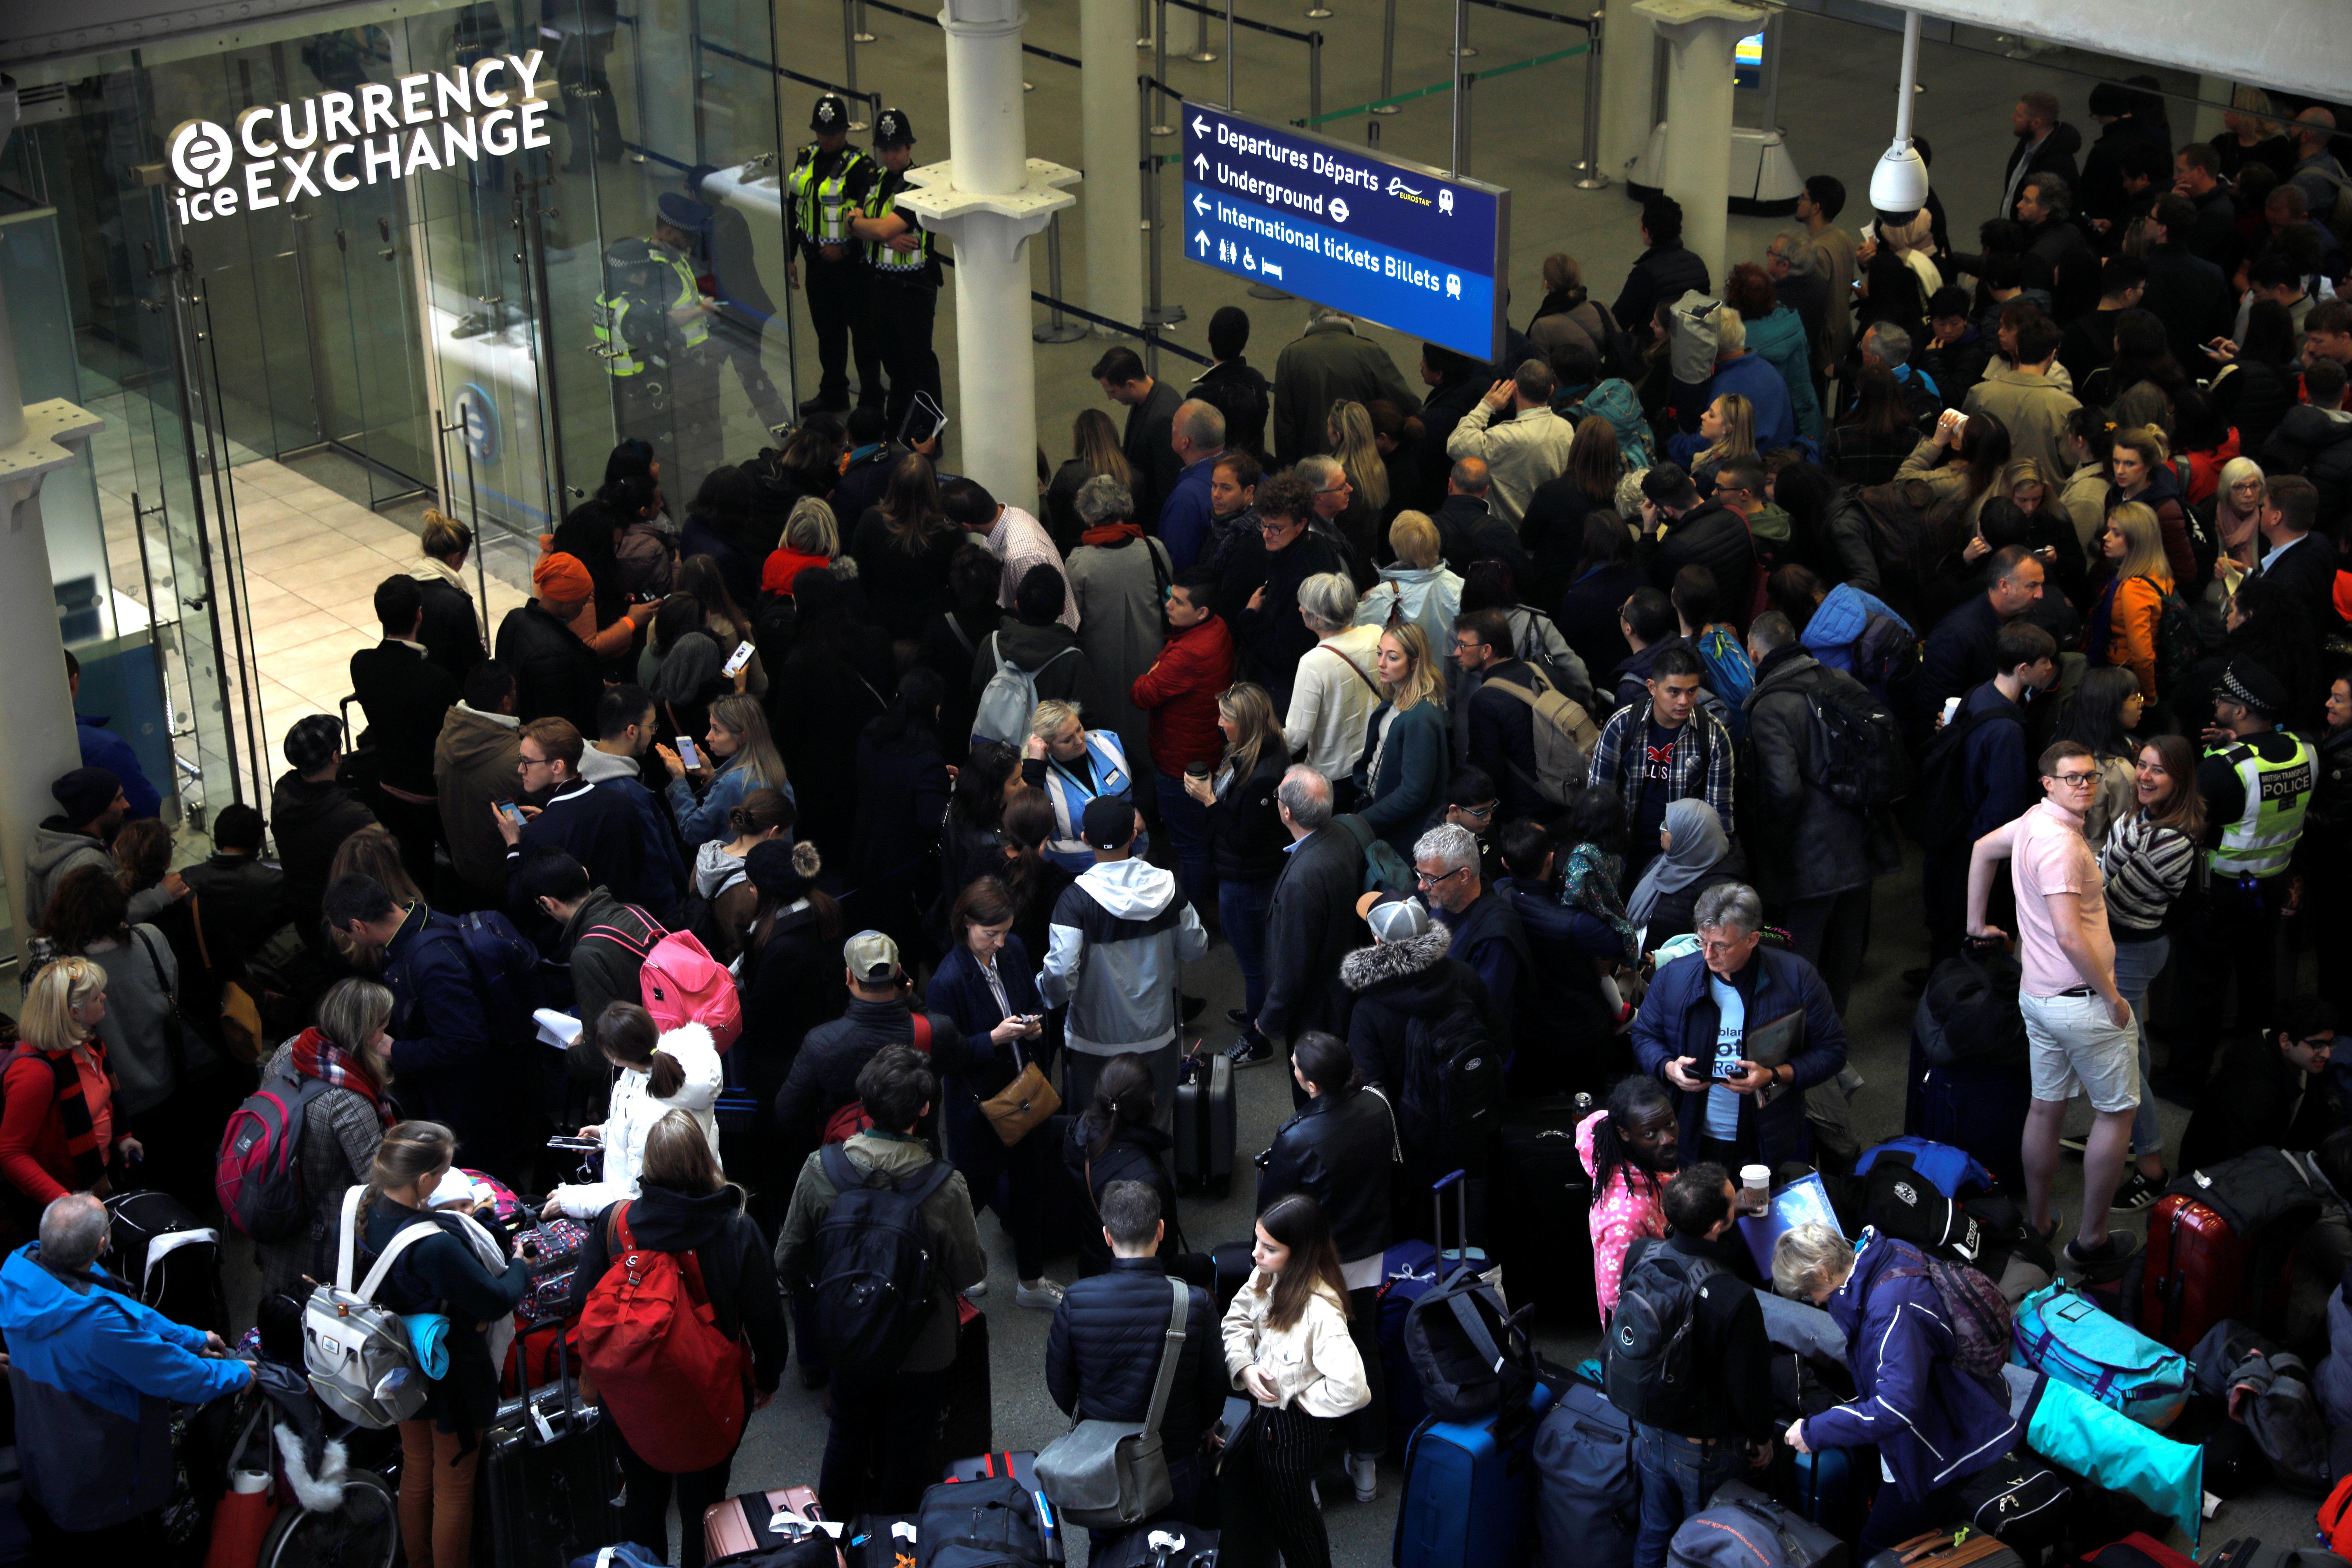 Ευρω-χάος στα τραίνα: Ενας Brexiteer(;) με μία σημαία του Αγίου Γεωργίου έκλεισε τη γραμμή του